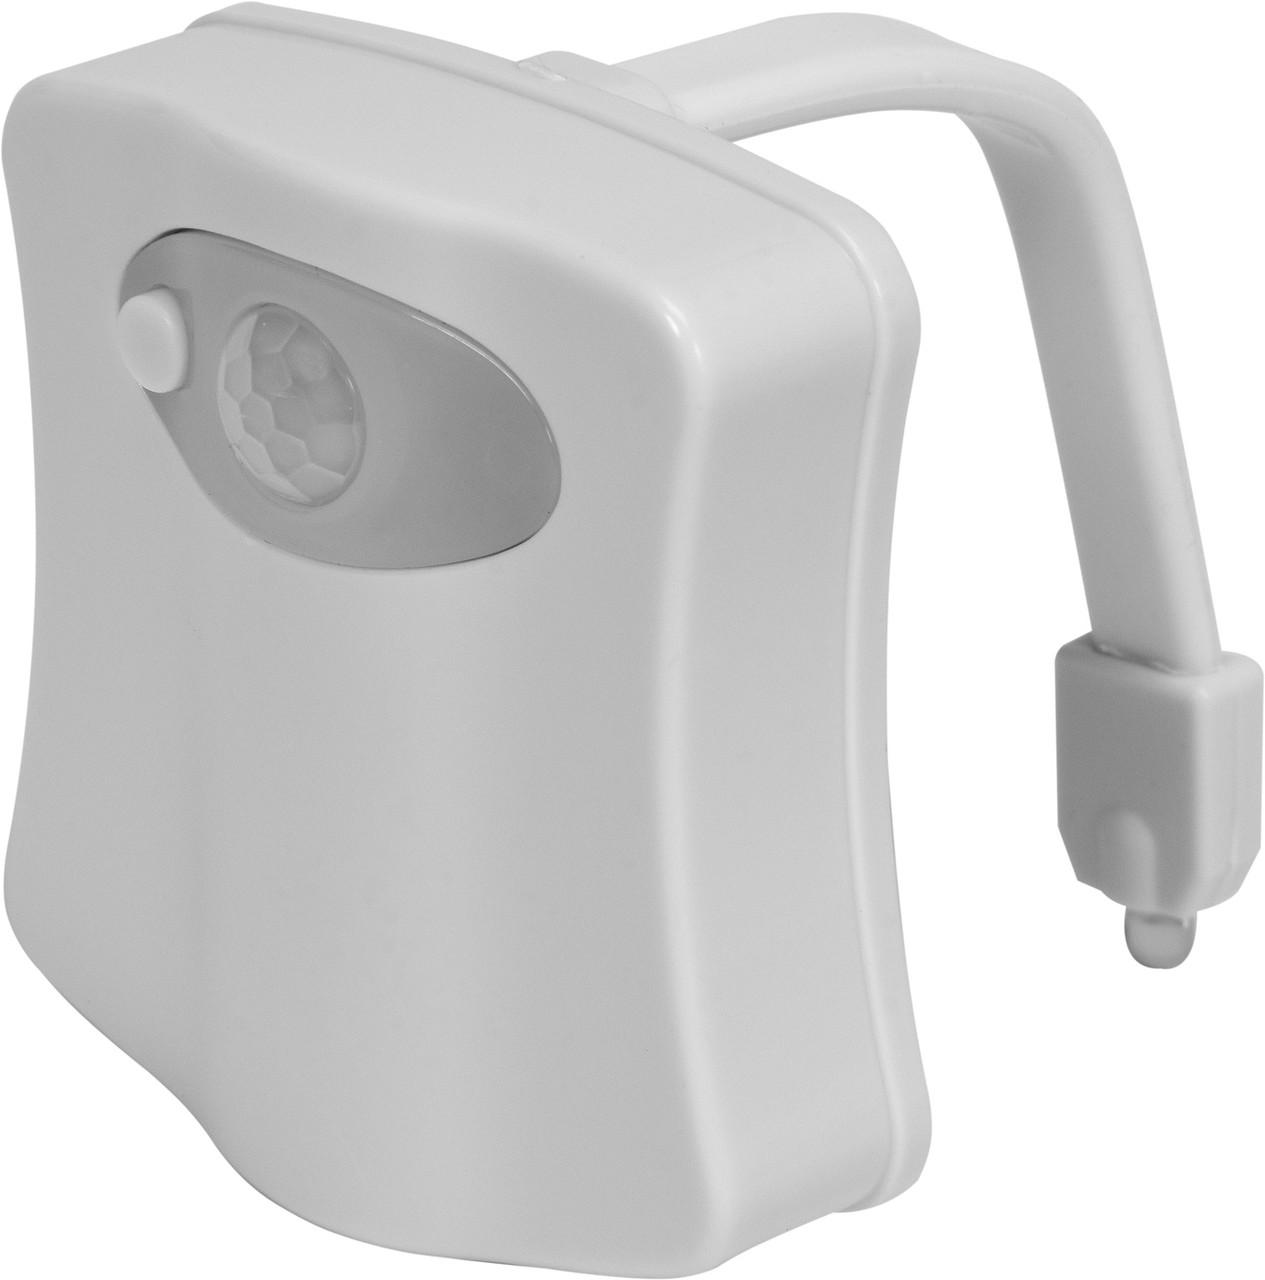 Подсветка для унитаза с датчиком движения и подсветкой Fala 75455